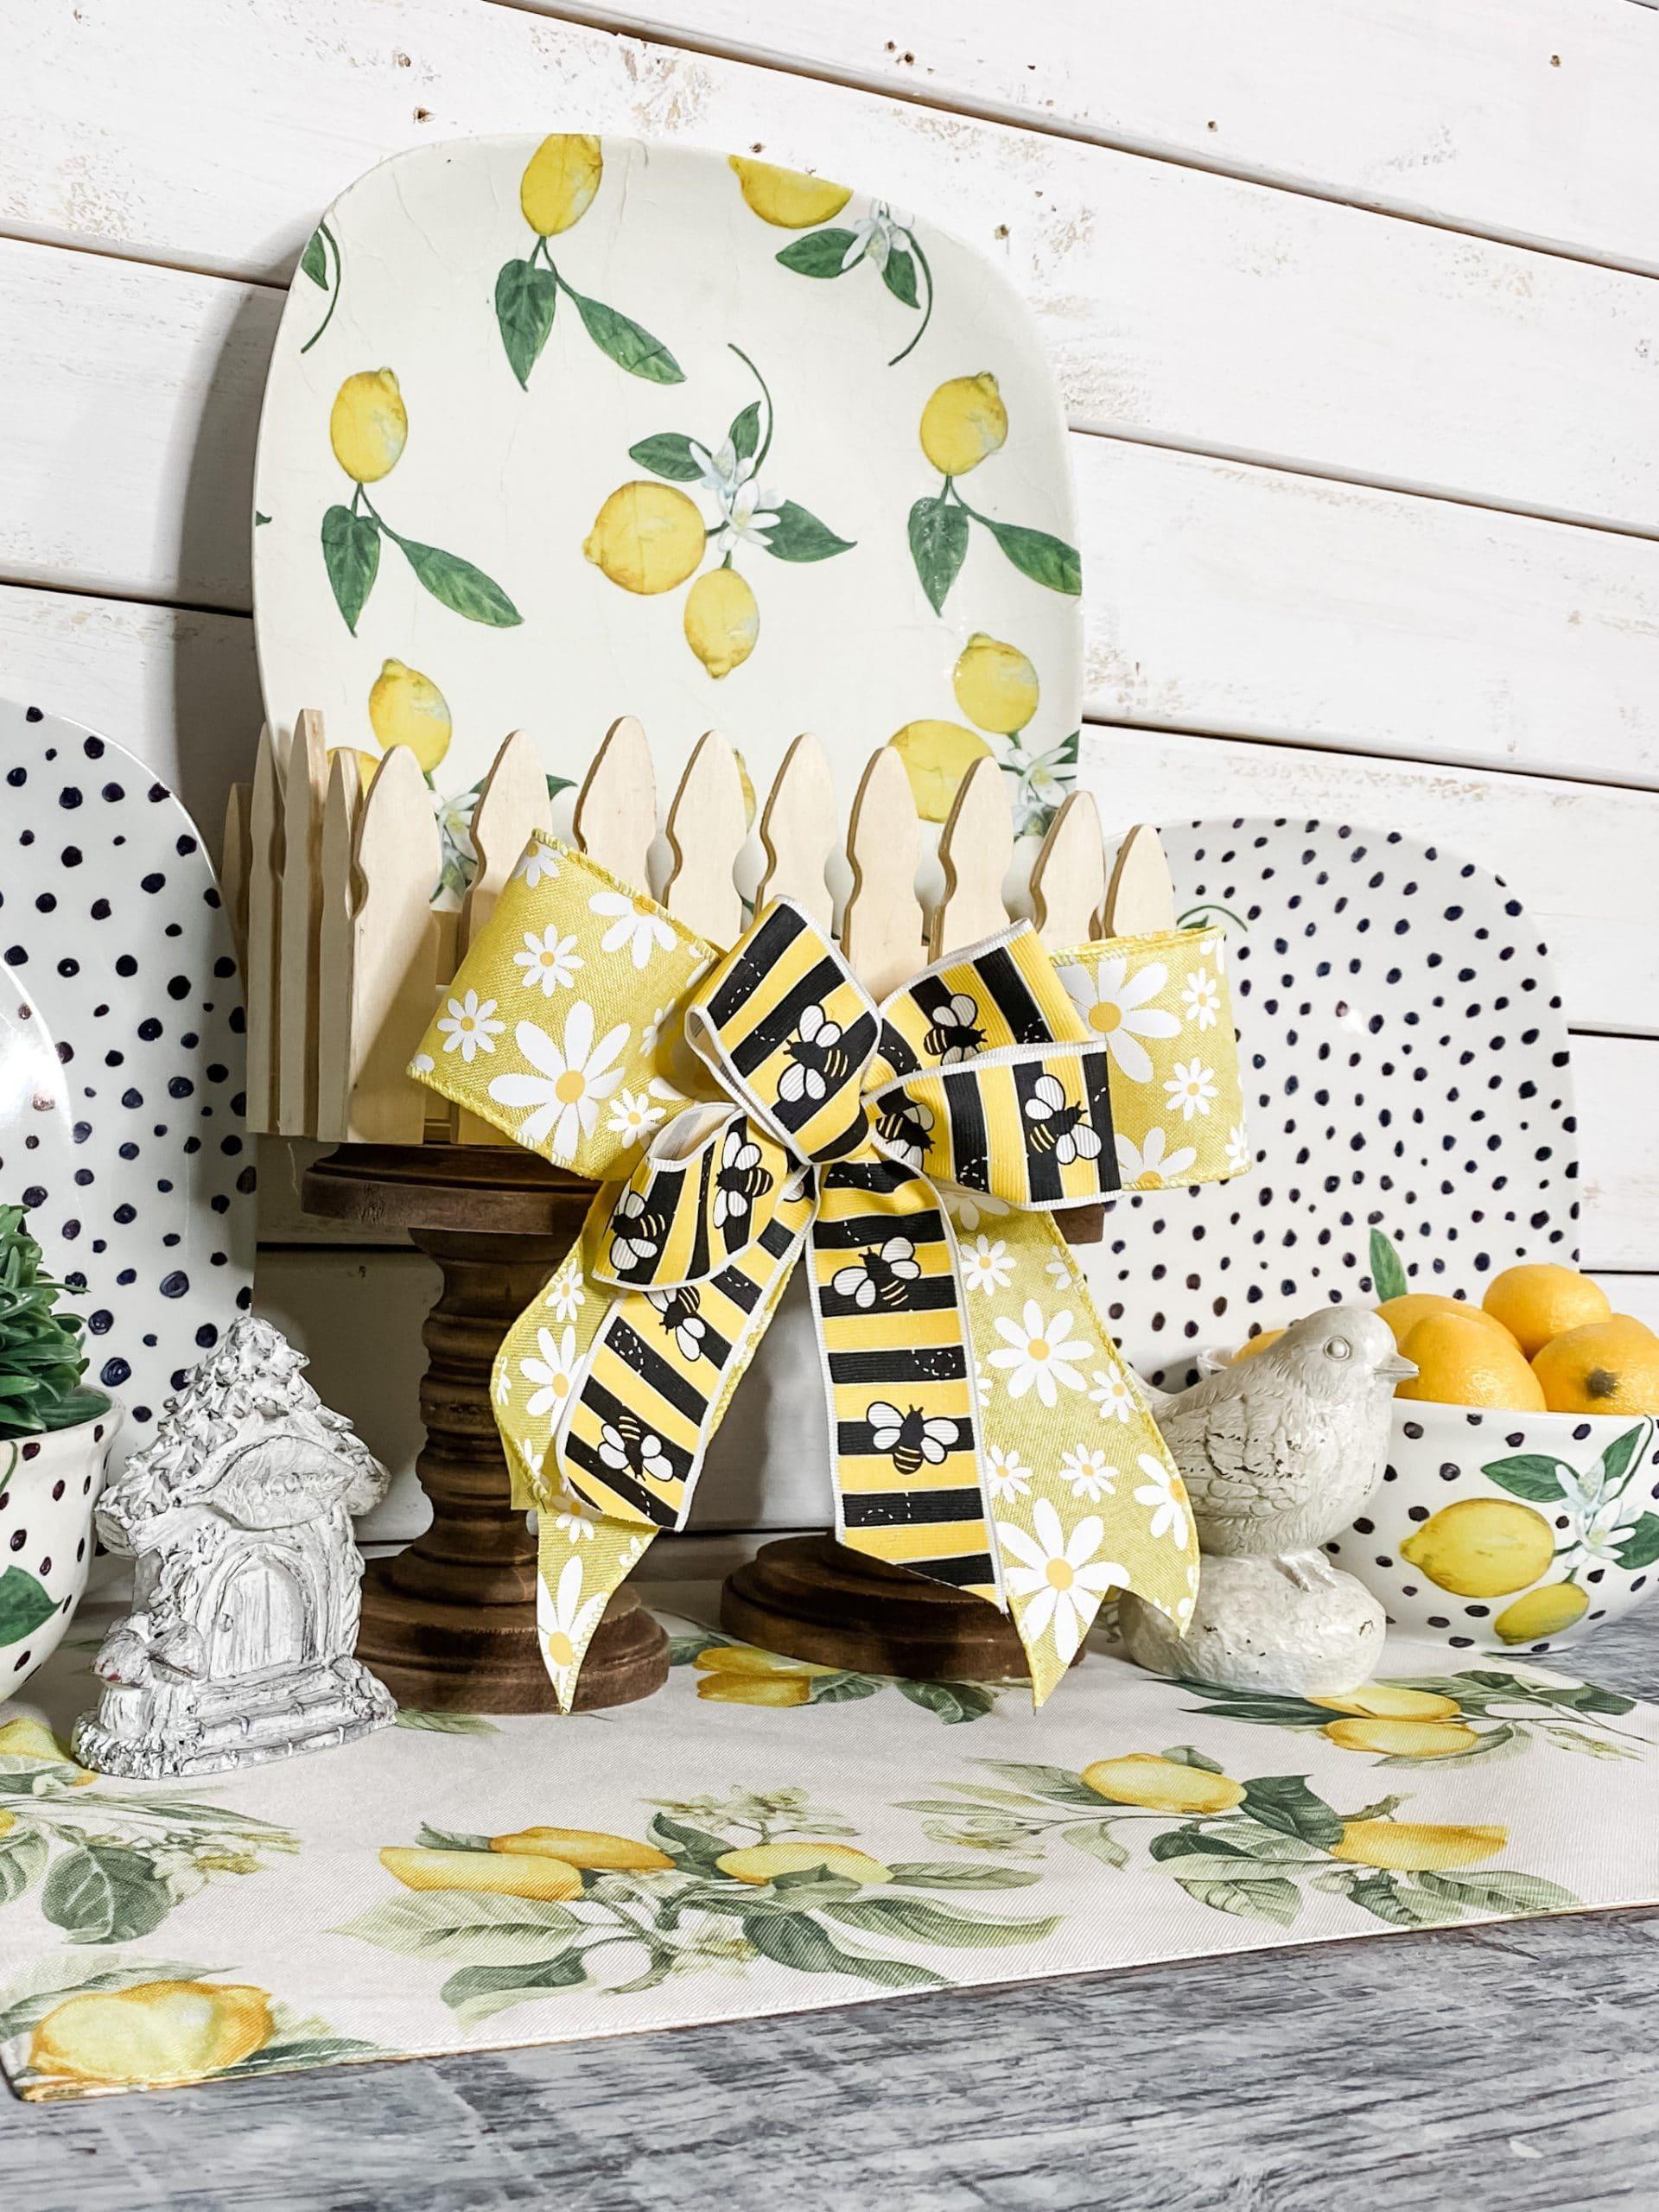 Dollar Tree DIY Lemon Themed Dishes